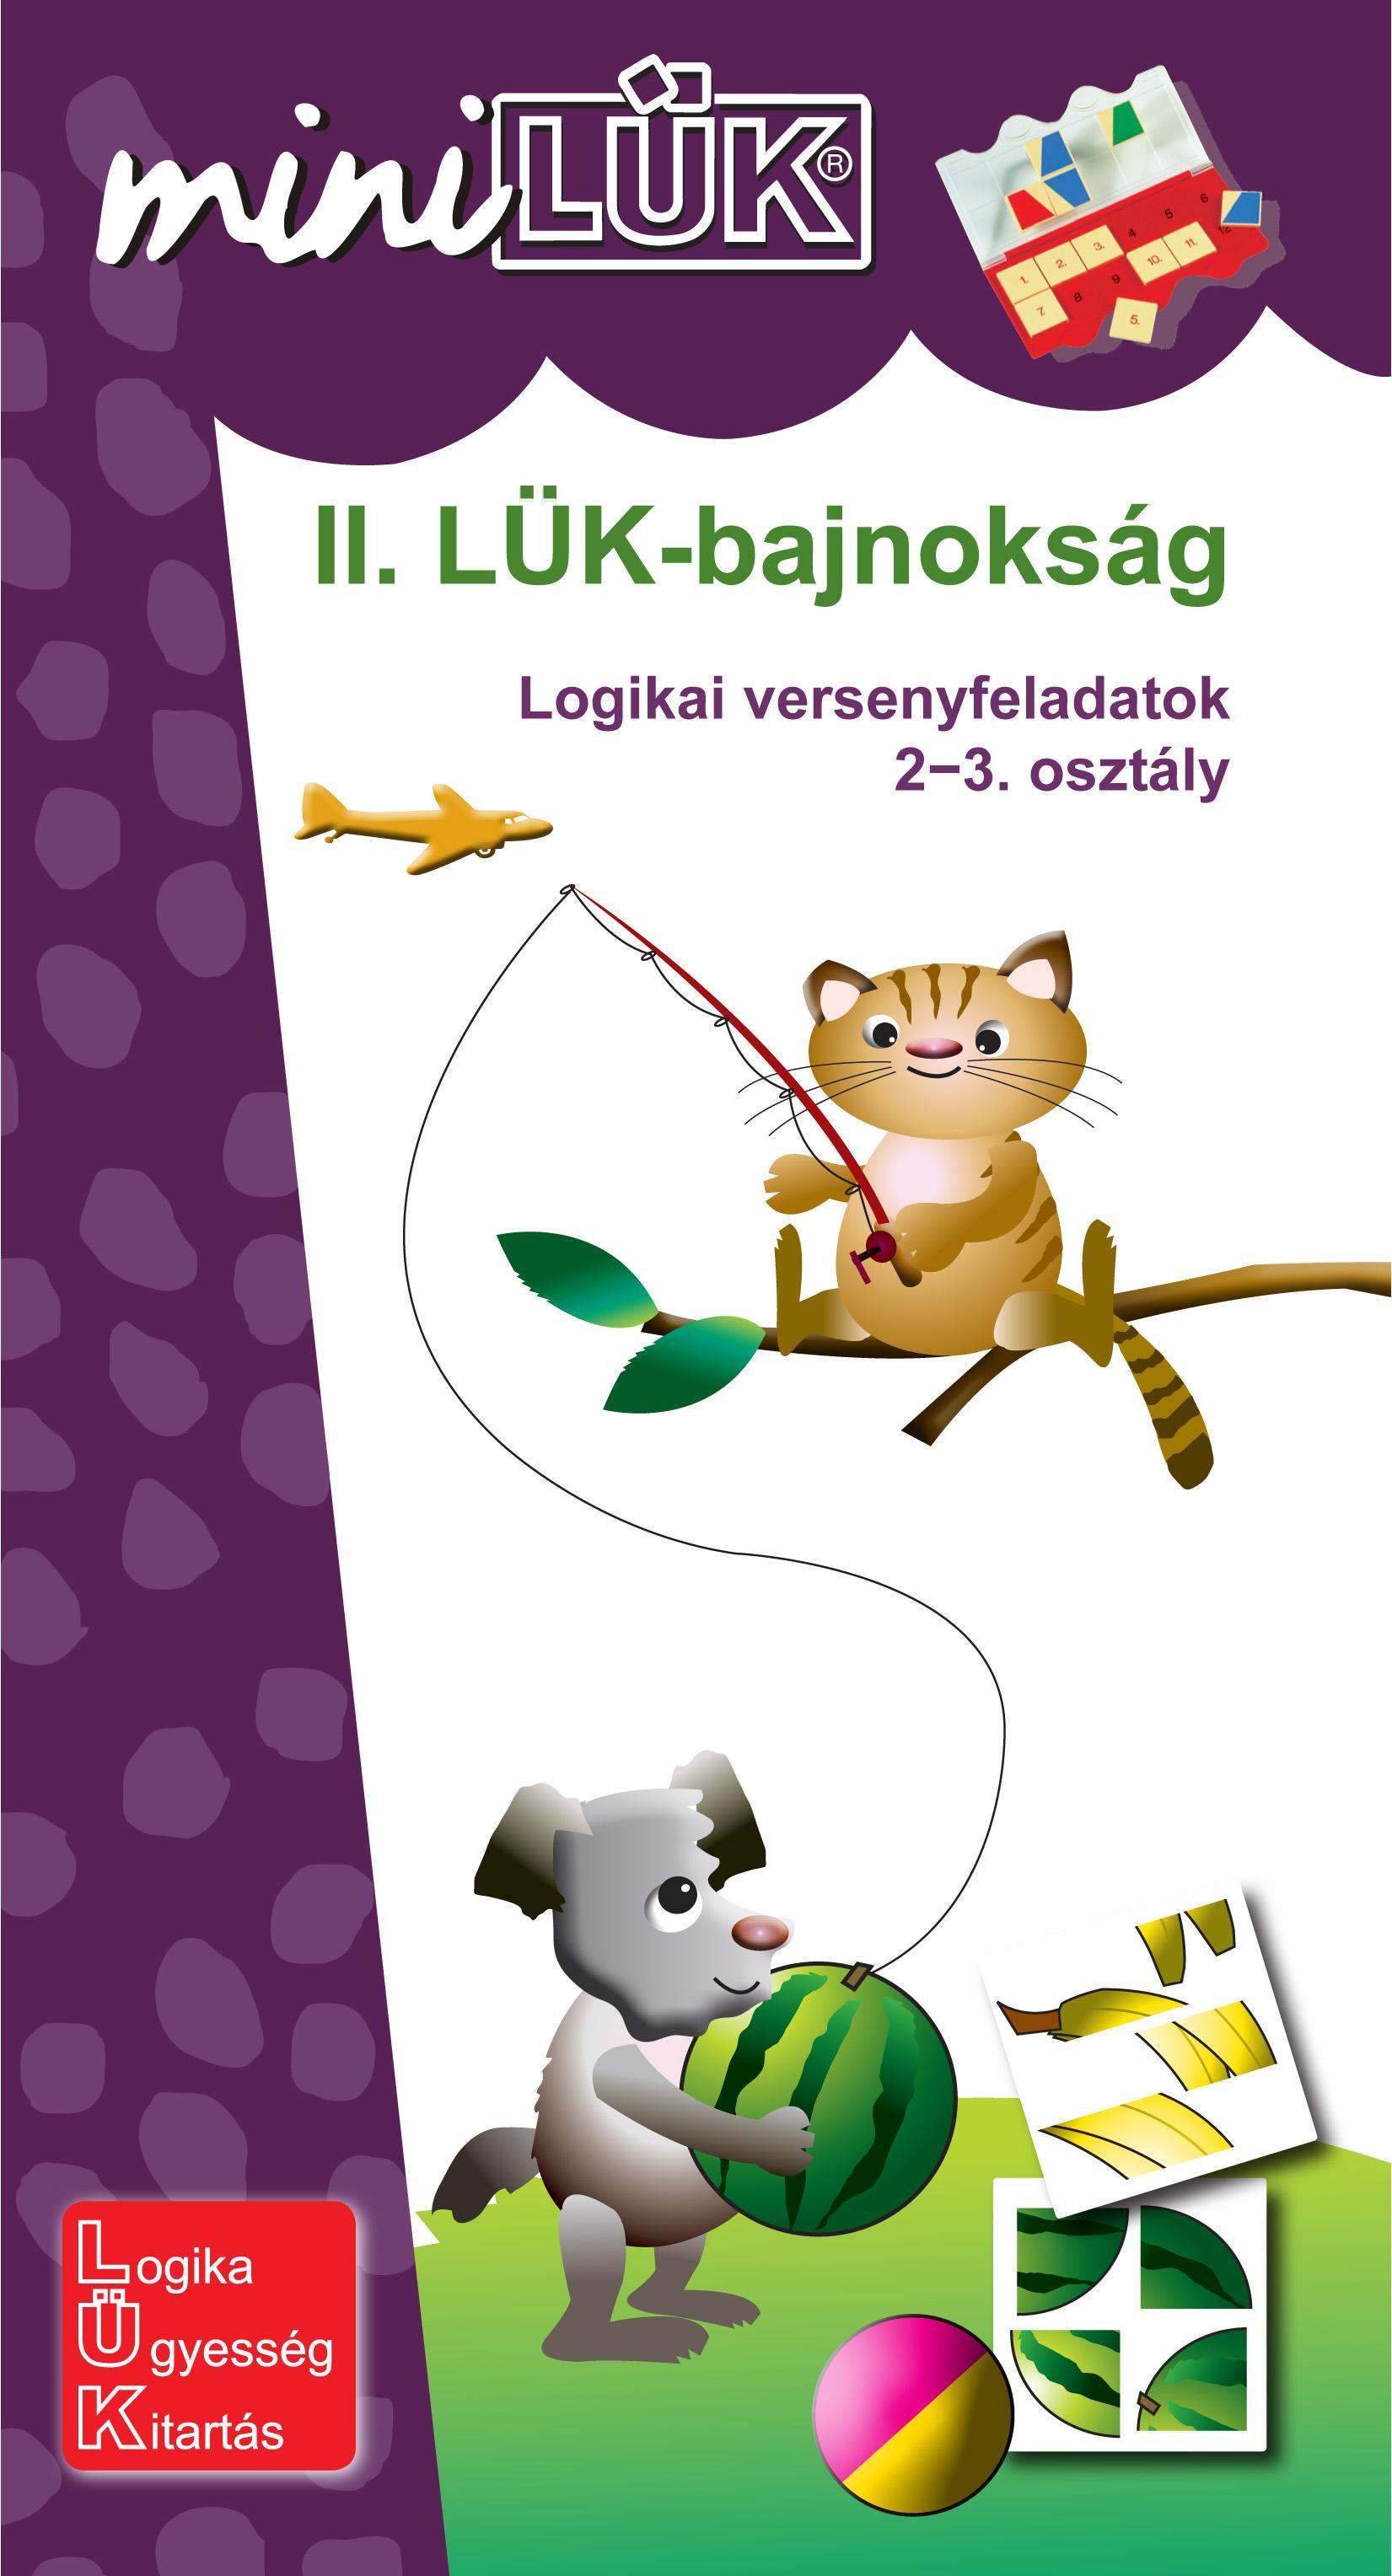 II. LÜK-BAJNOKSÁG - LOGIKAI VERSENYFELADATOK 2-3. OSZT.